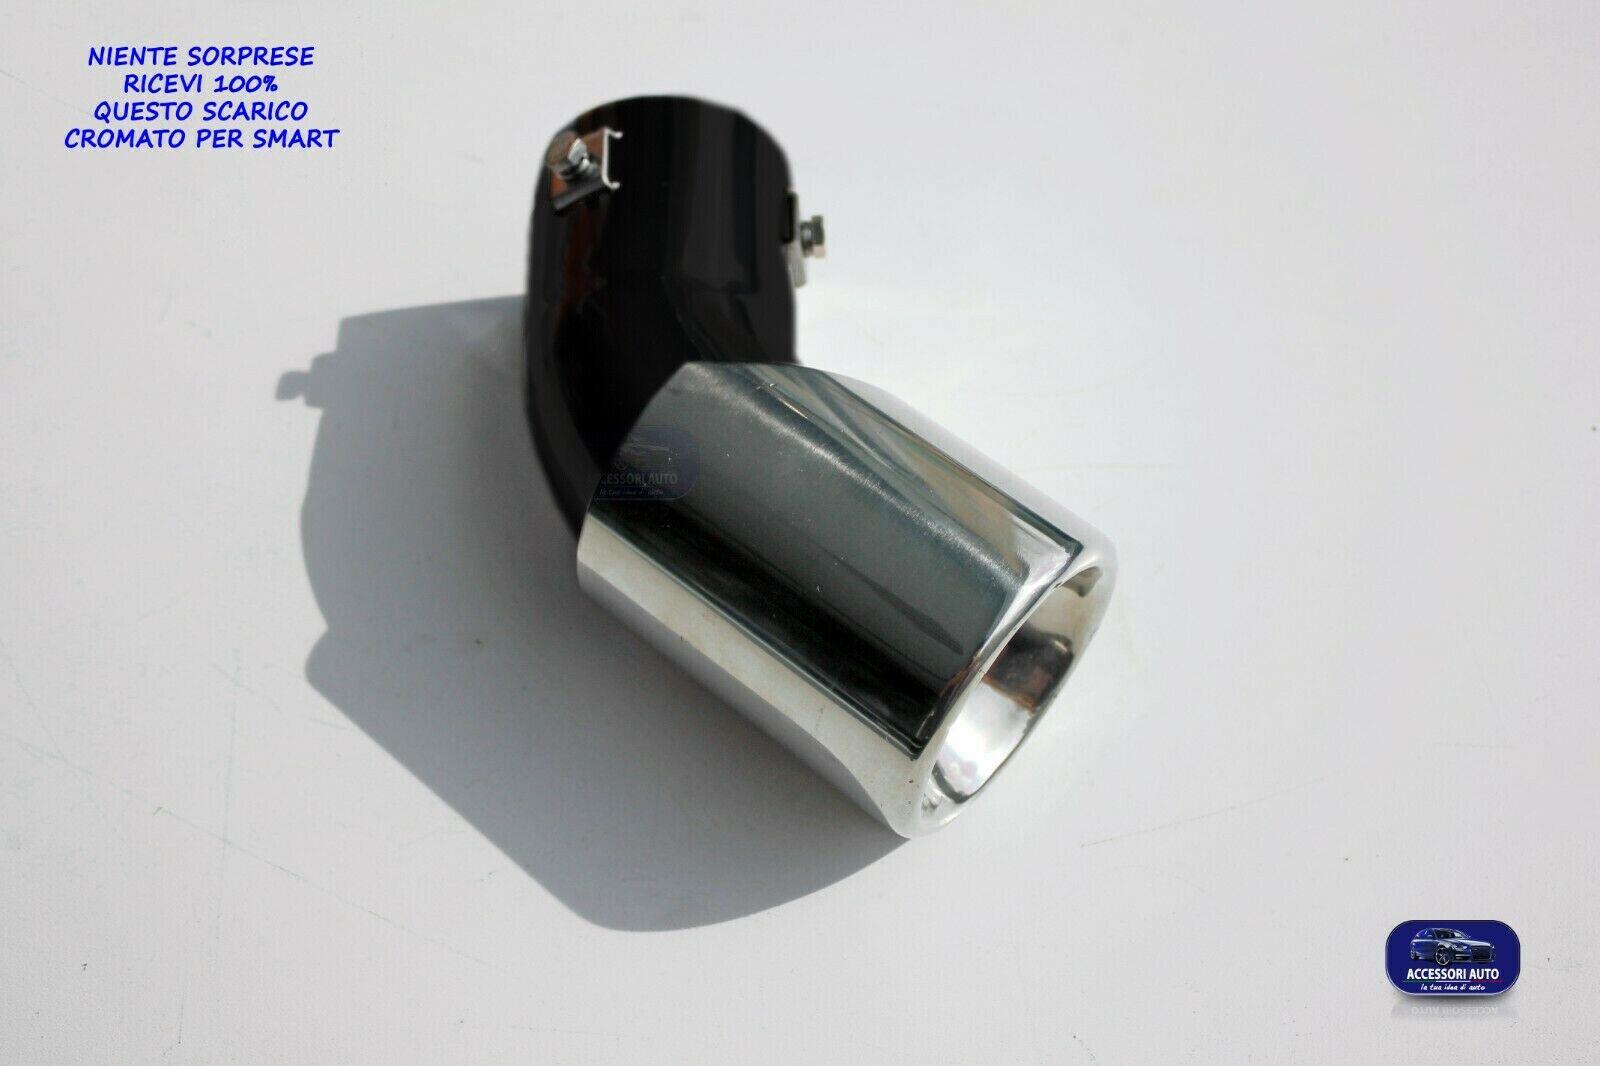 Universale 259671 Terminale di scarico per auto Terminale Silenziatore sportivo Acciaio inossidabile Cromo 55mm